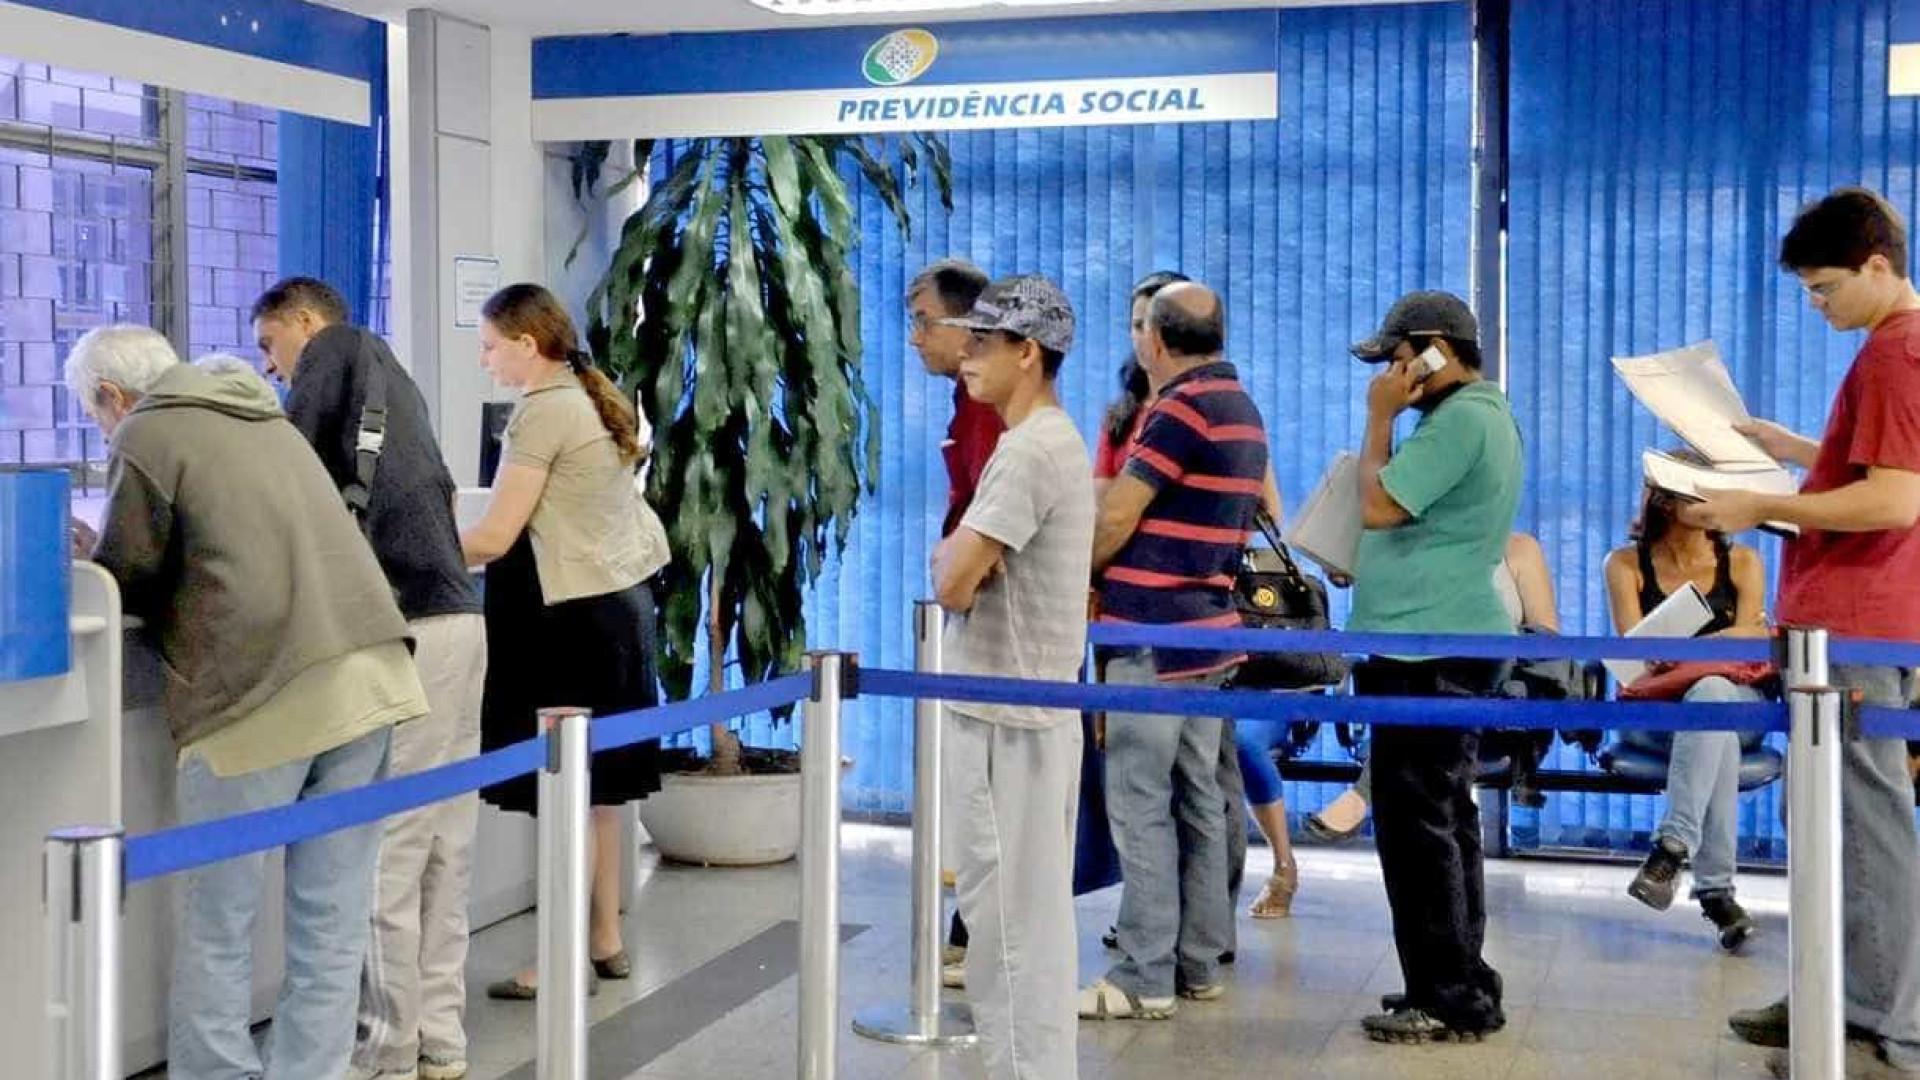 Fila de pedidos em atraso será zerada em seis meses, diz INSS